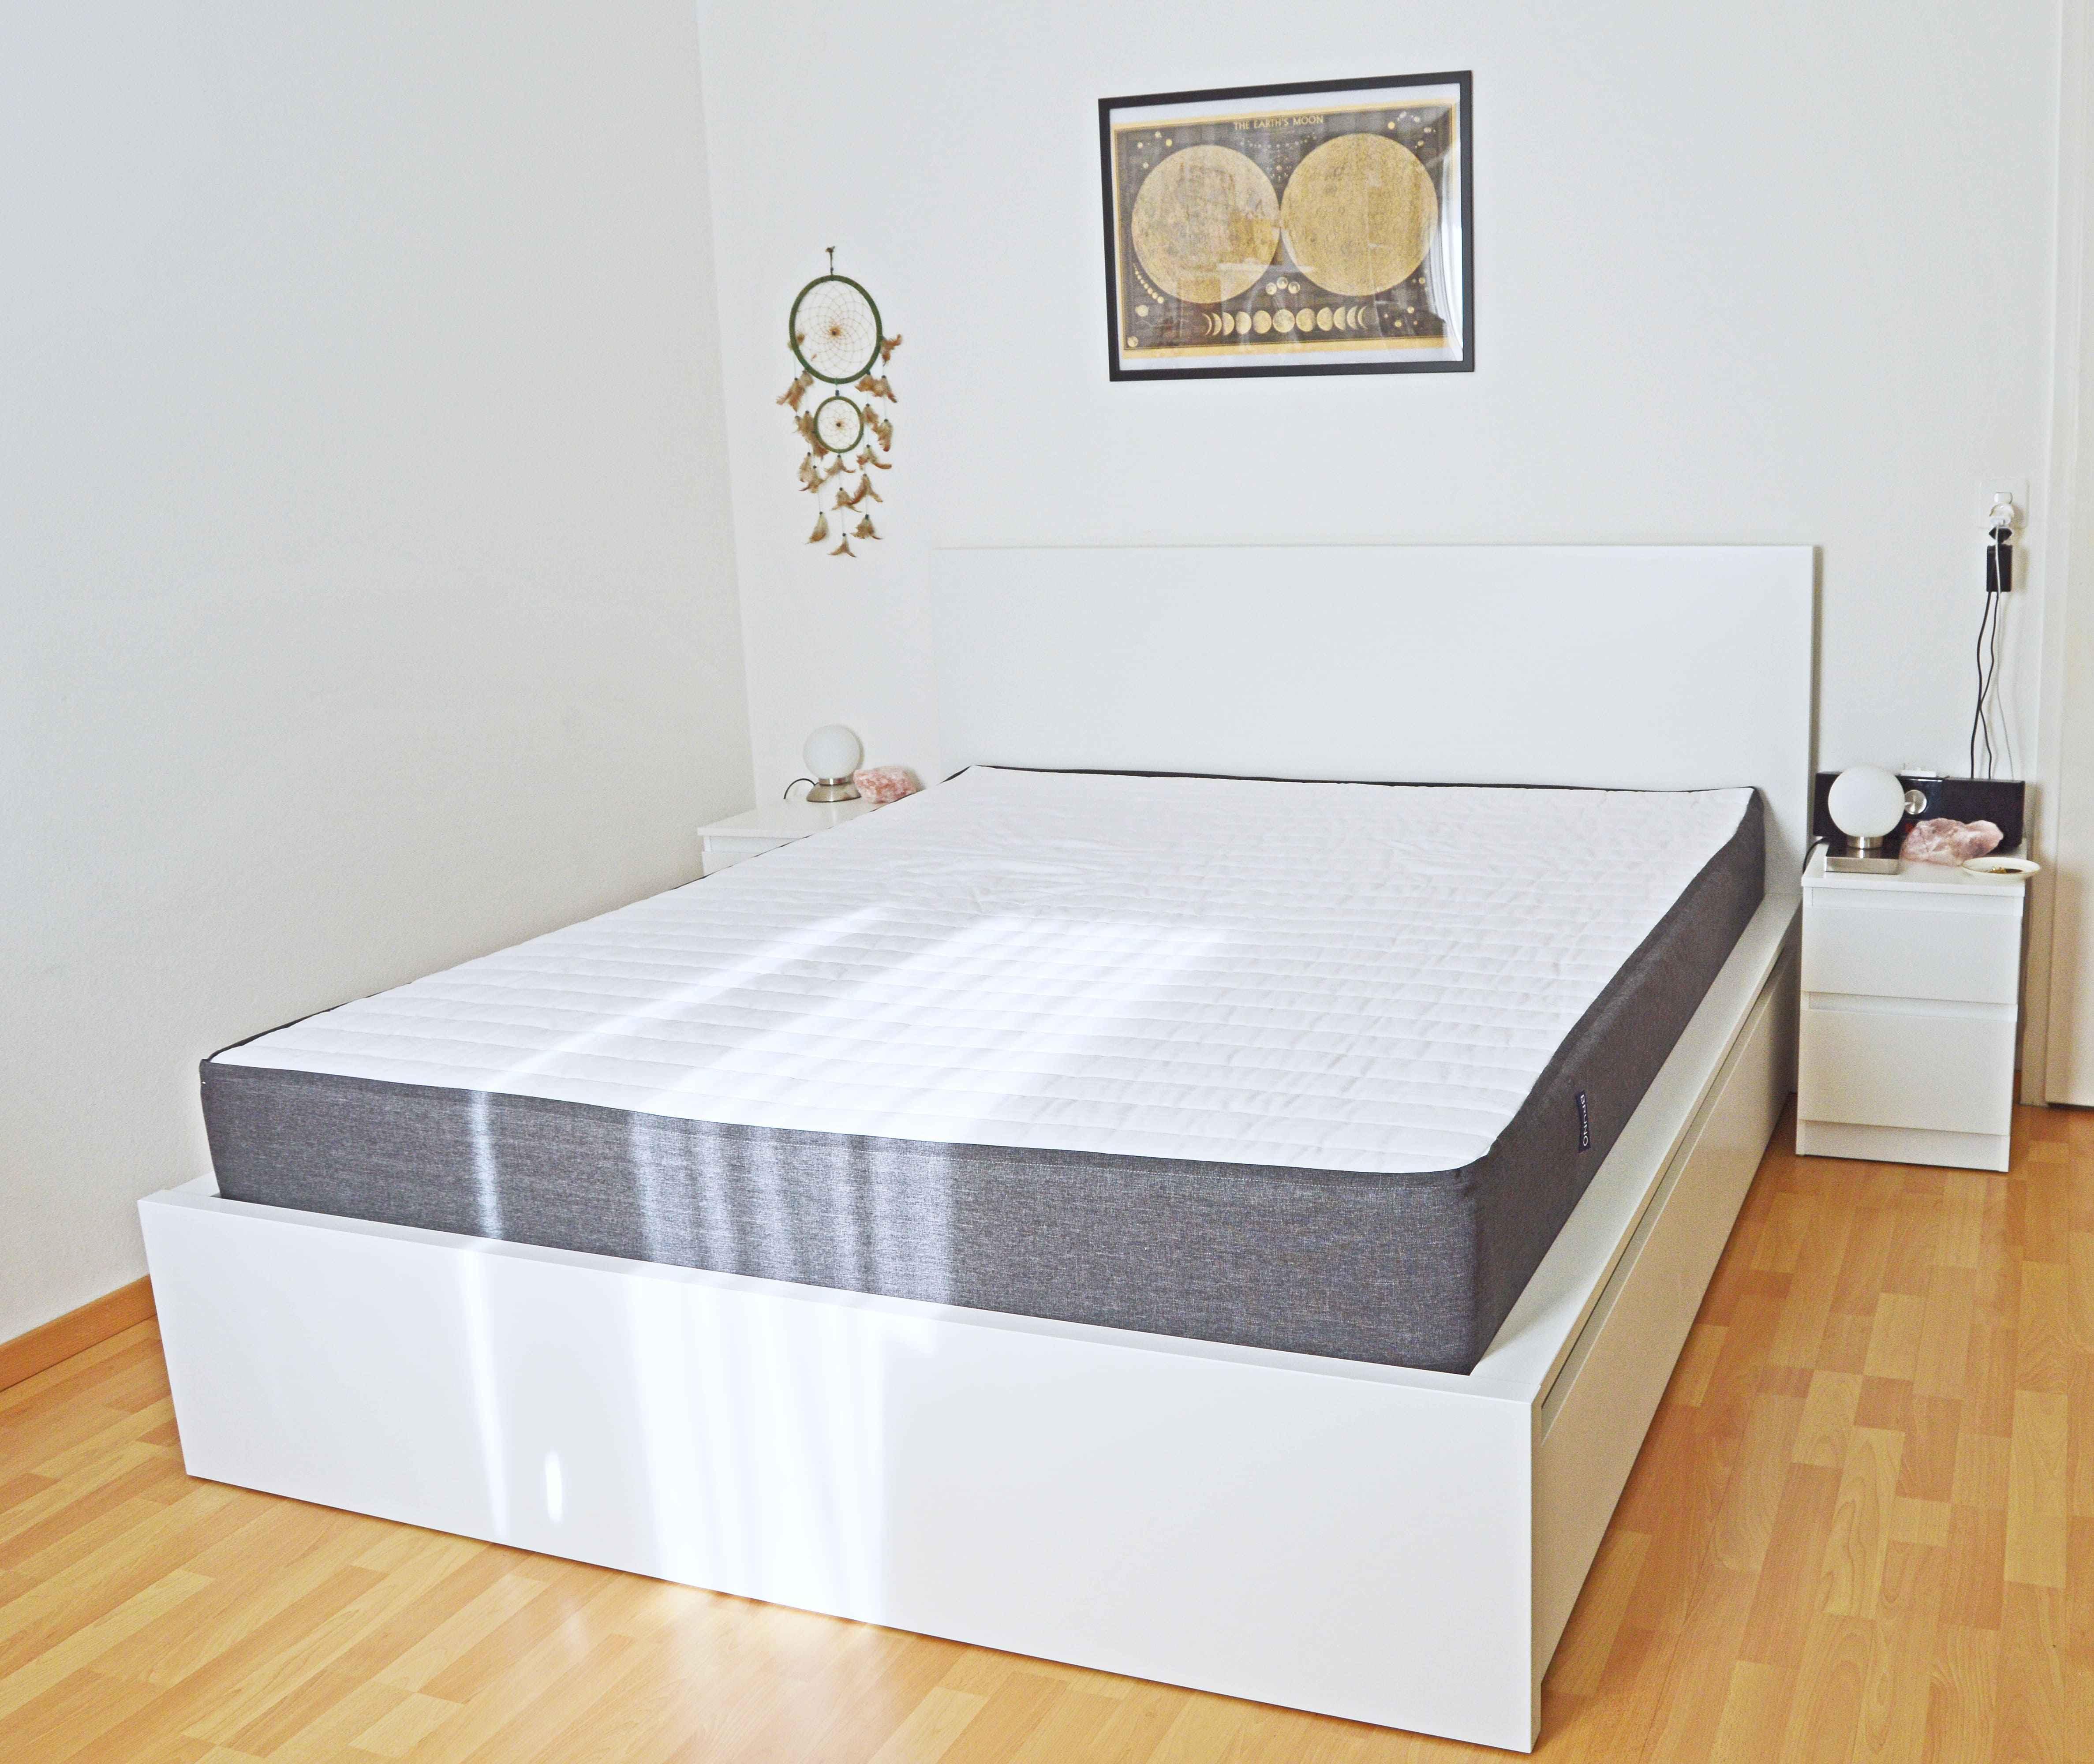 bett aus karton babz x paar unterbett unter bett schuhe. Black Bedroom Furniture Sets. Home Design Ideas